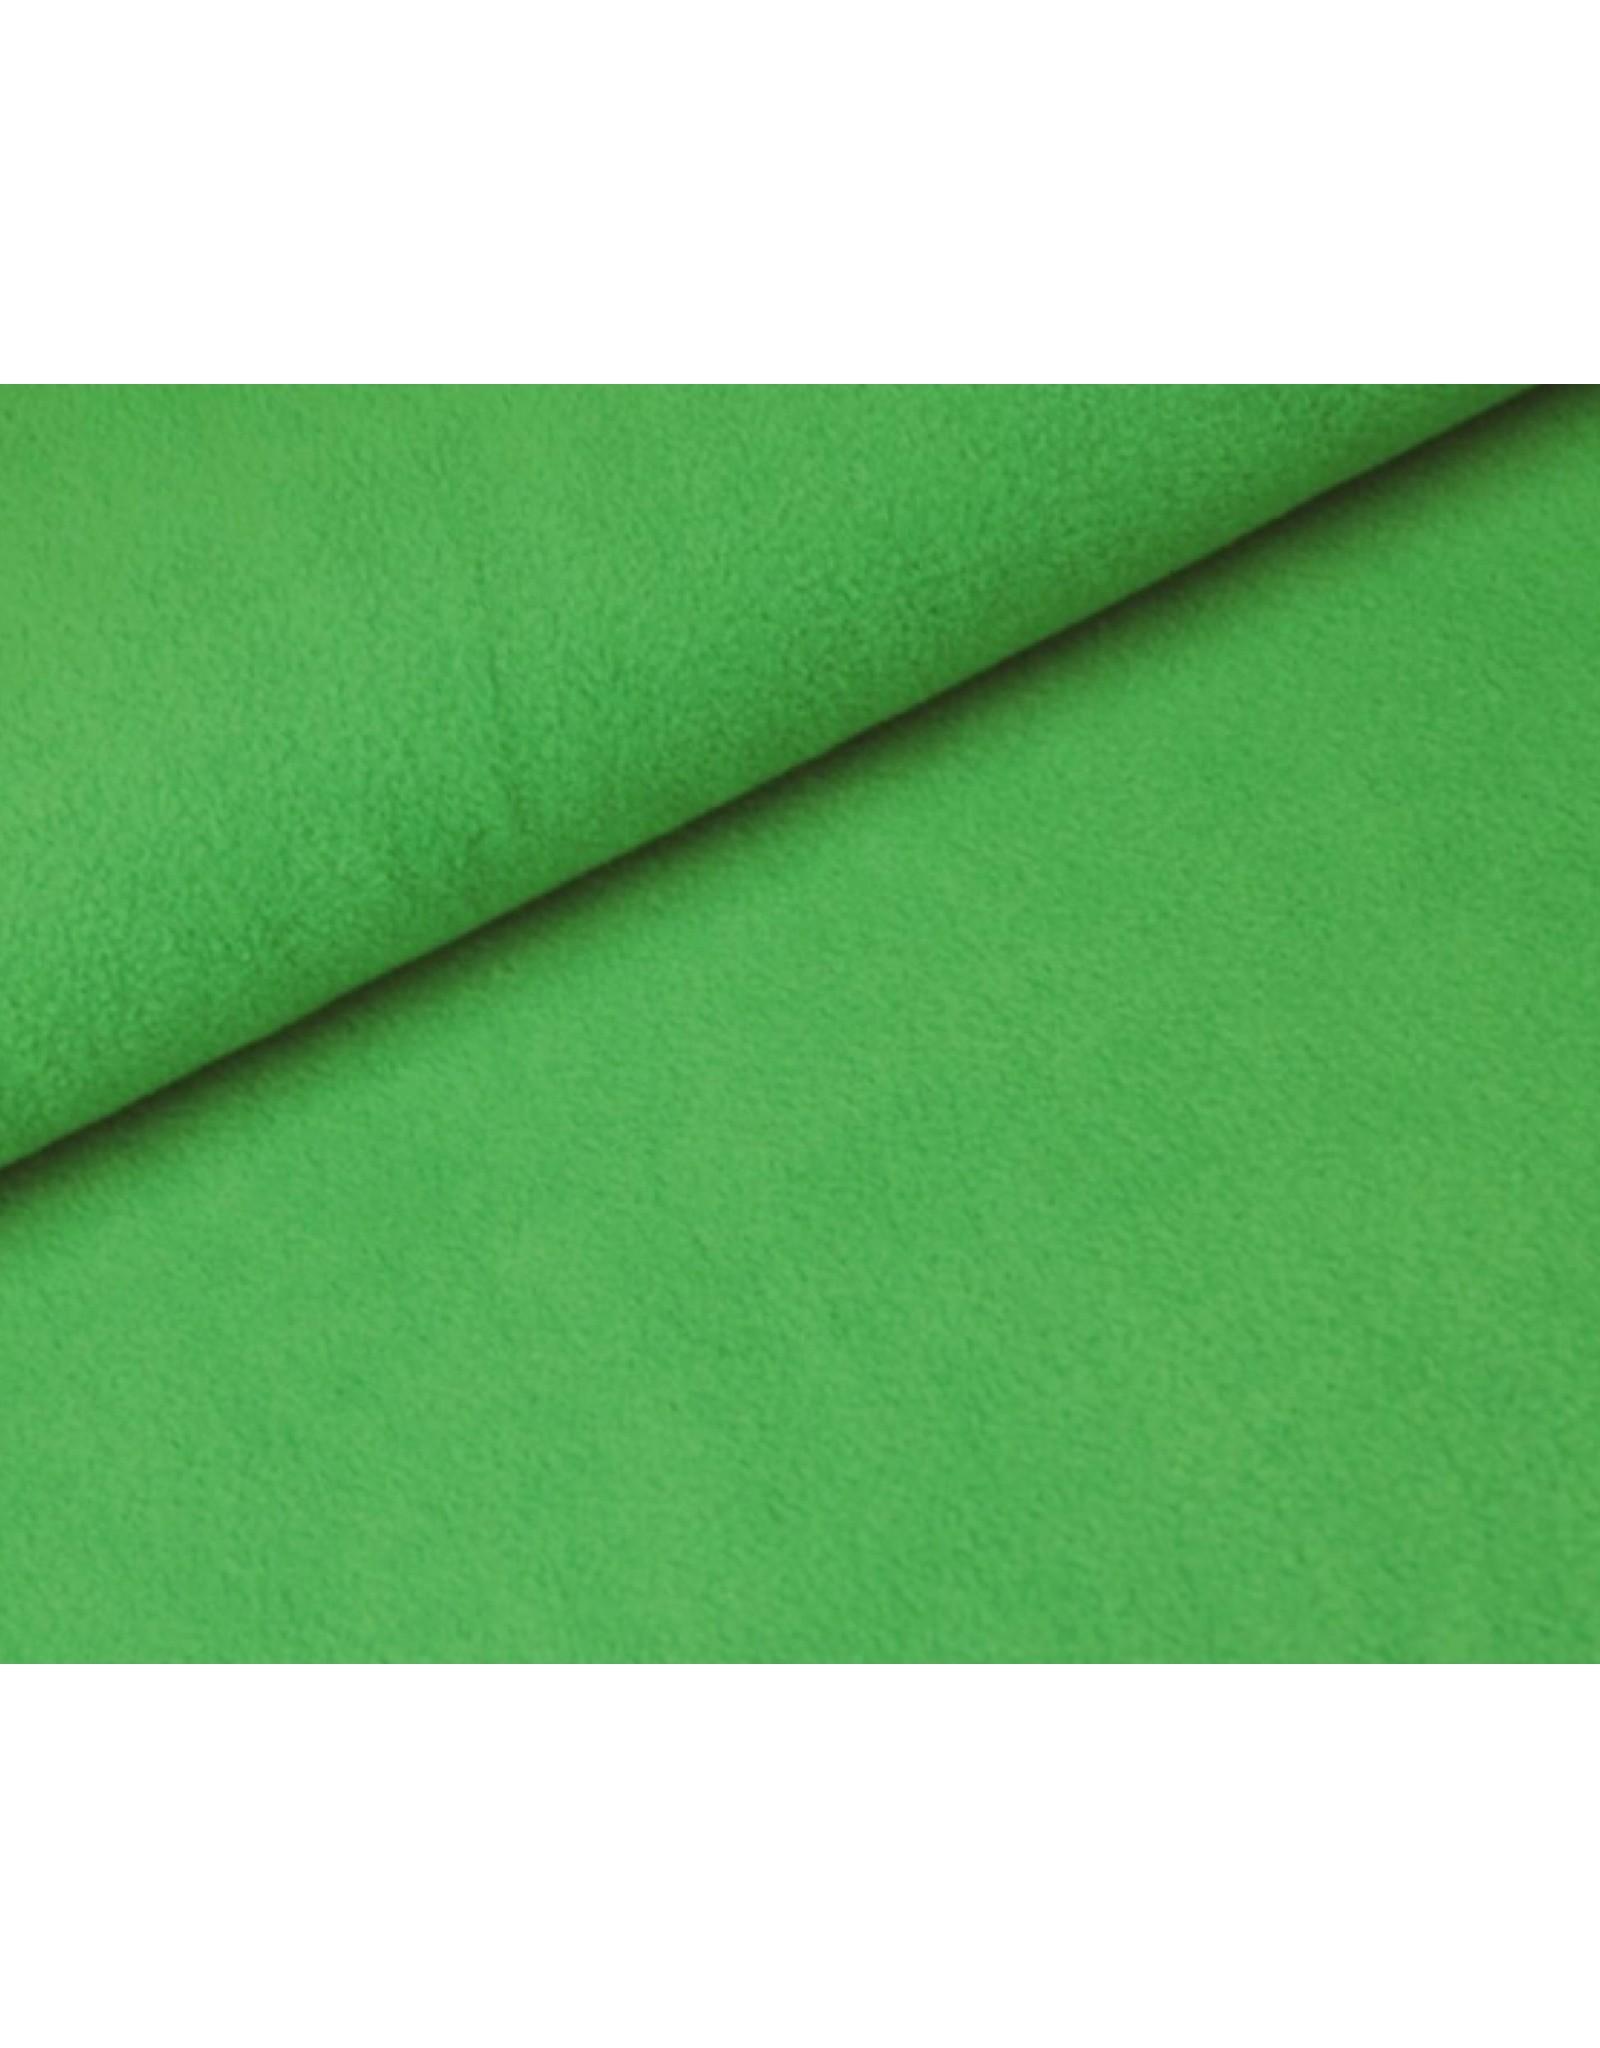 Polar Fleece stoff Grün